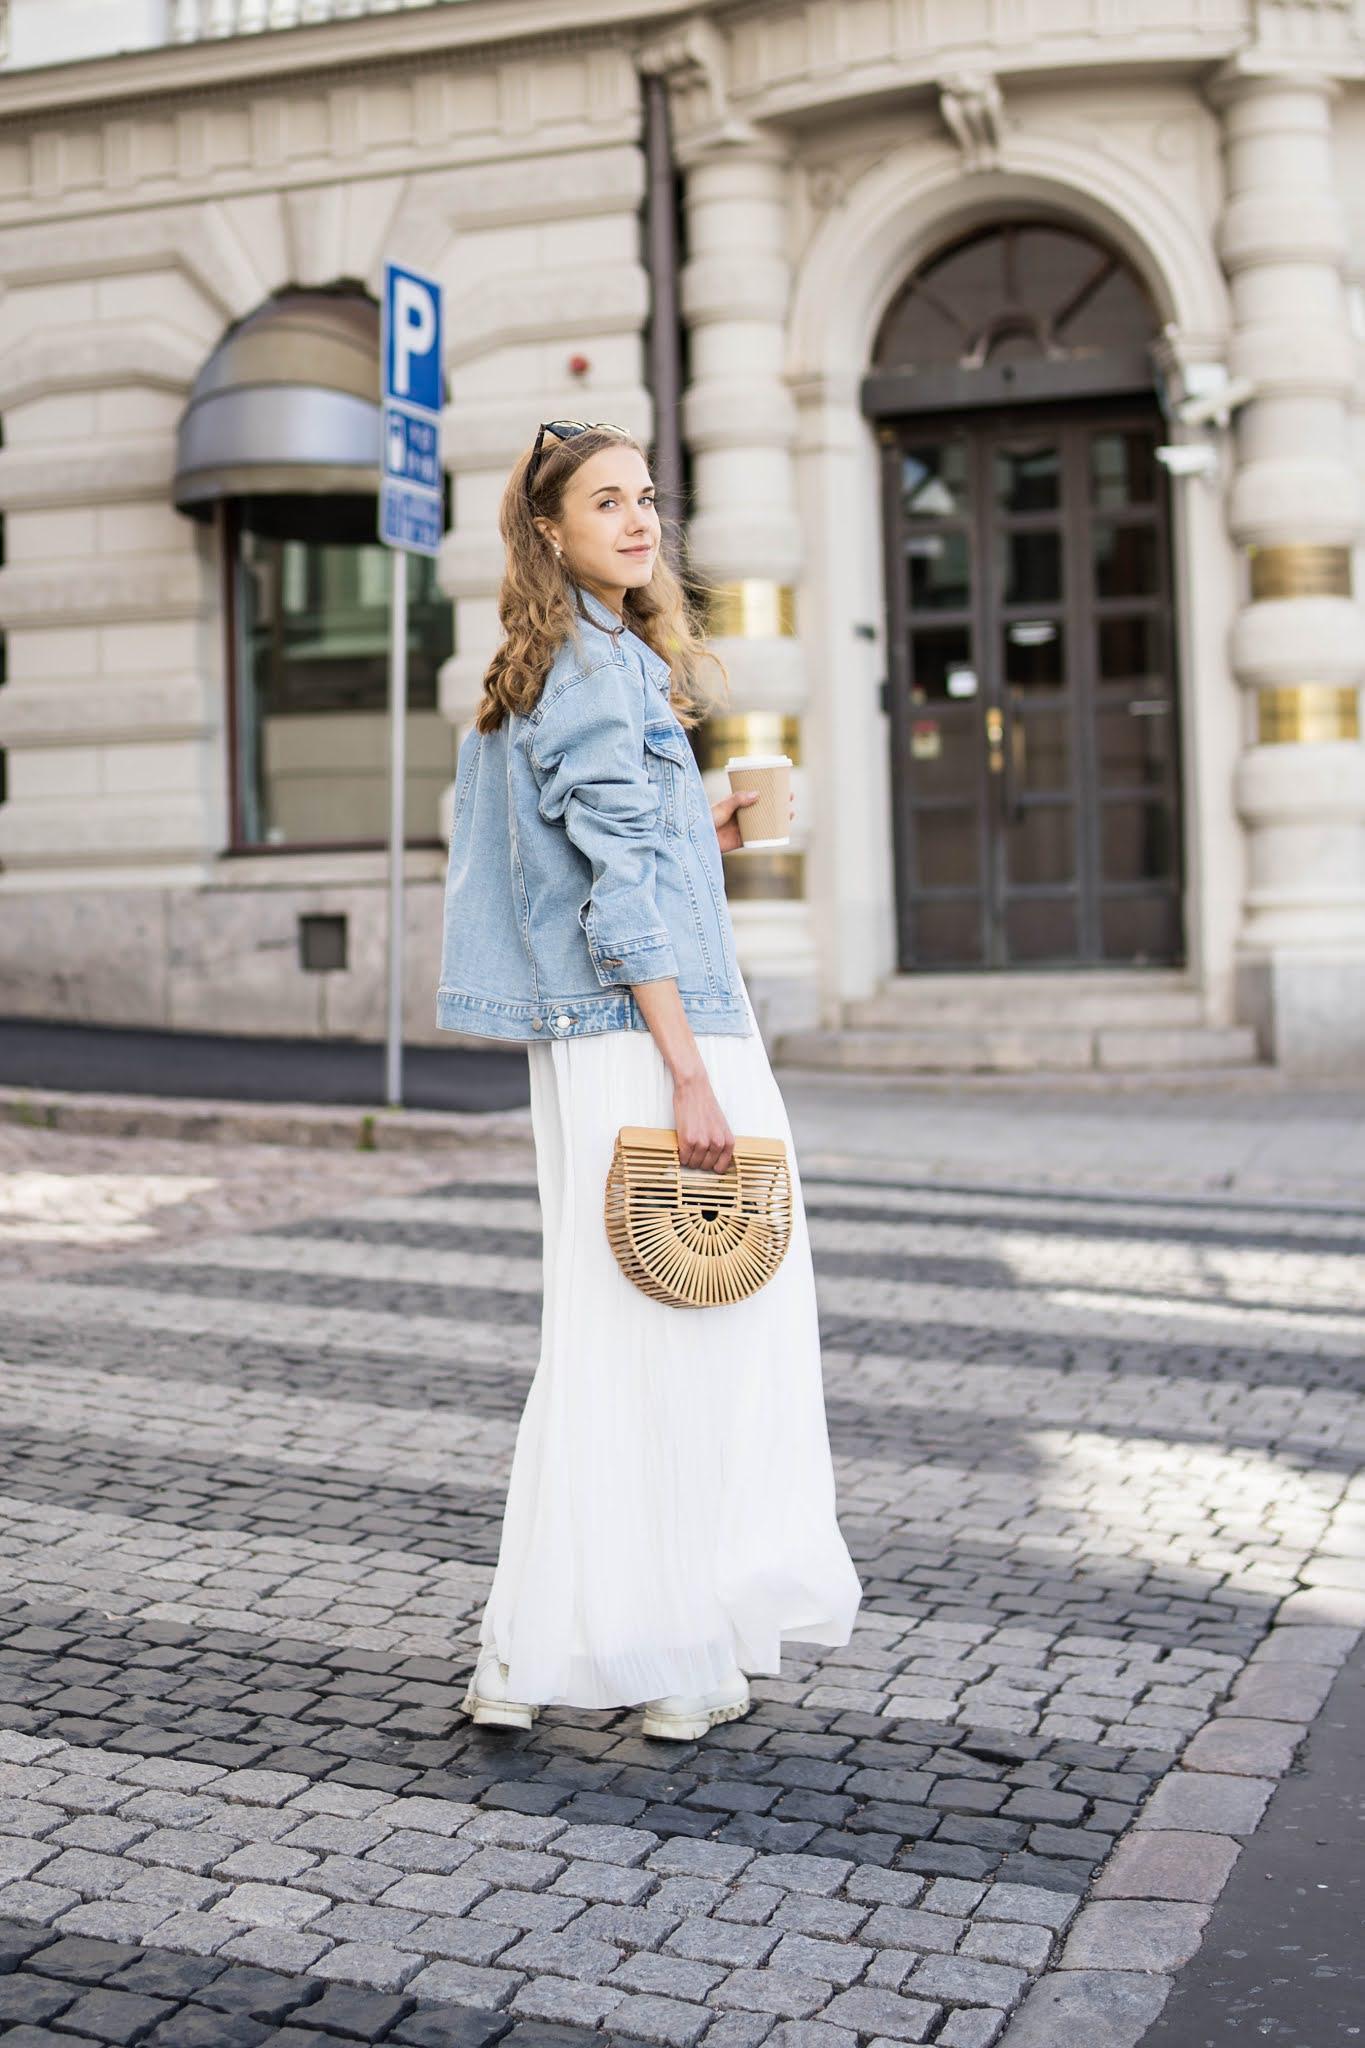 Fashion blogger summer street style - Muotibloggaaja, kesämuoti